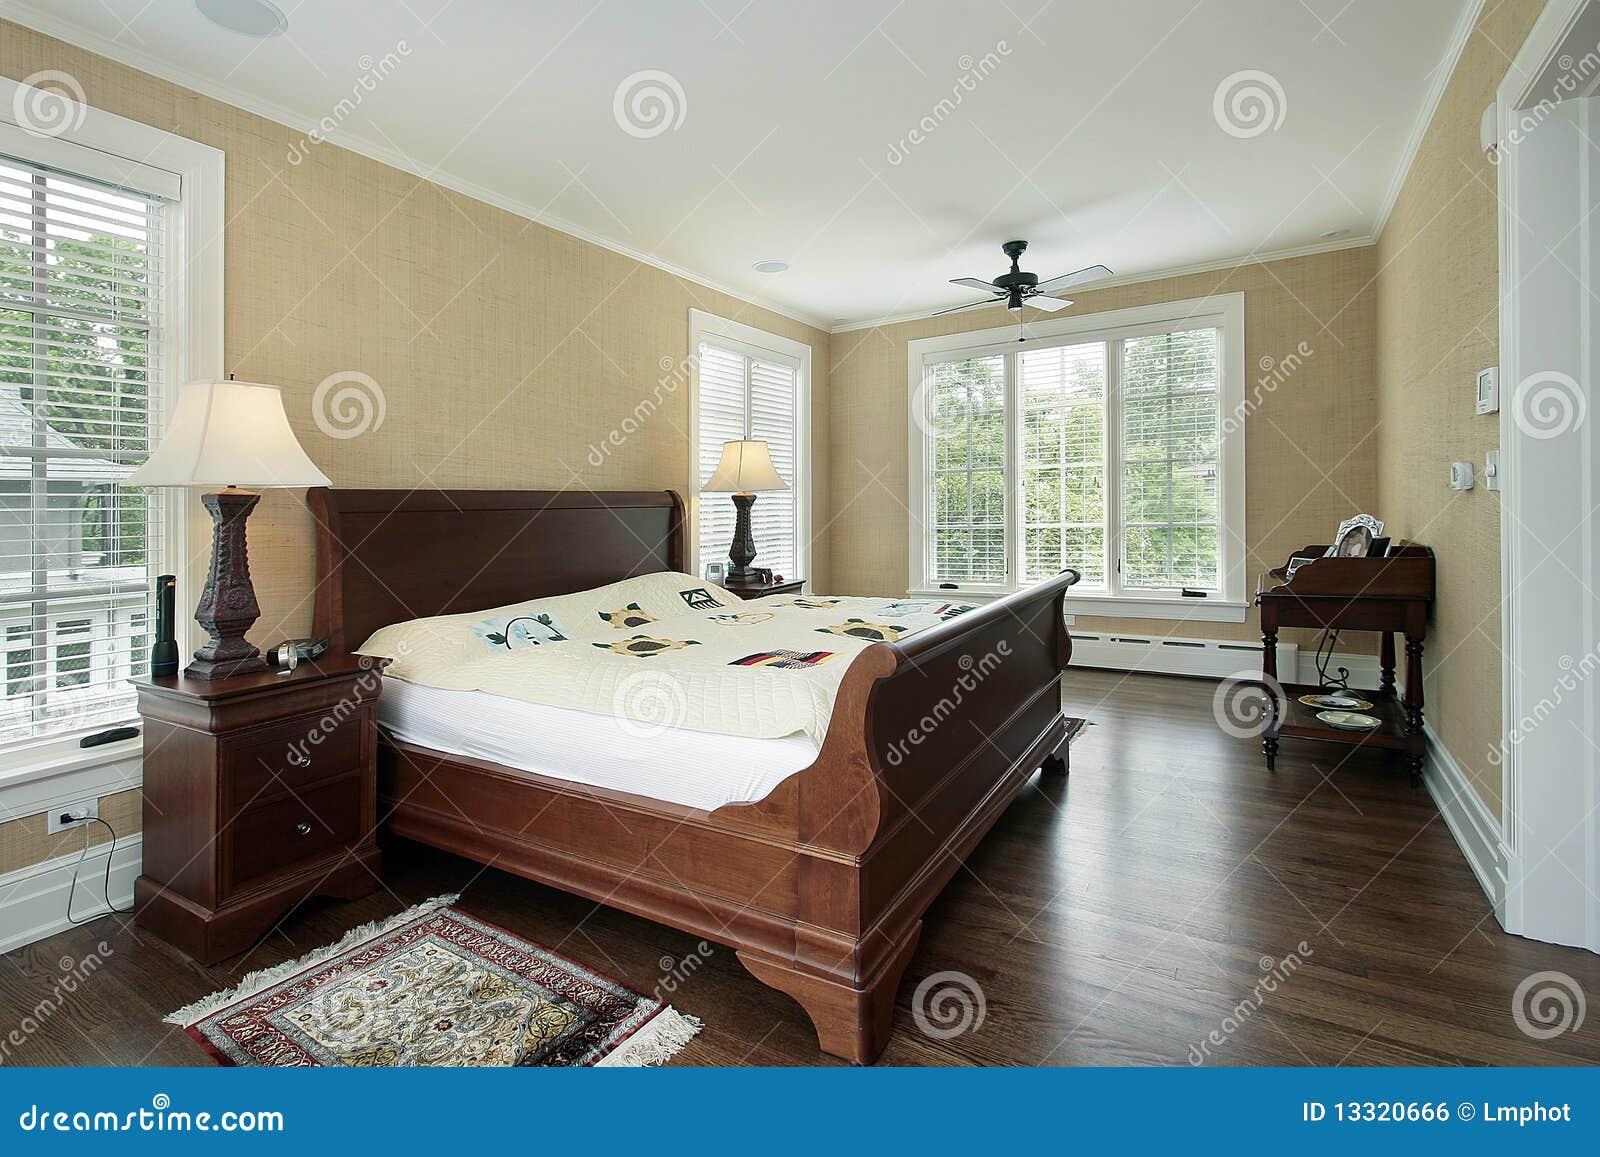 Chambre Coucher Principale Avec La Vue D 39 Arri Re Cour